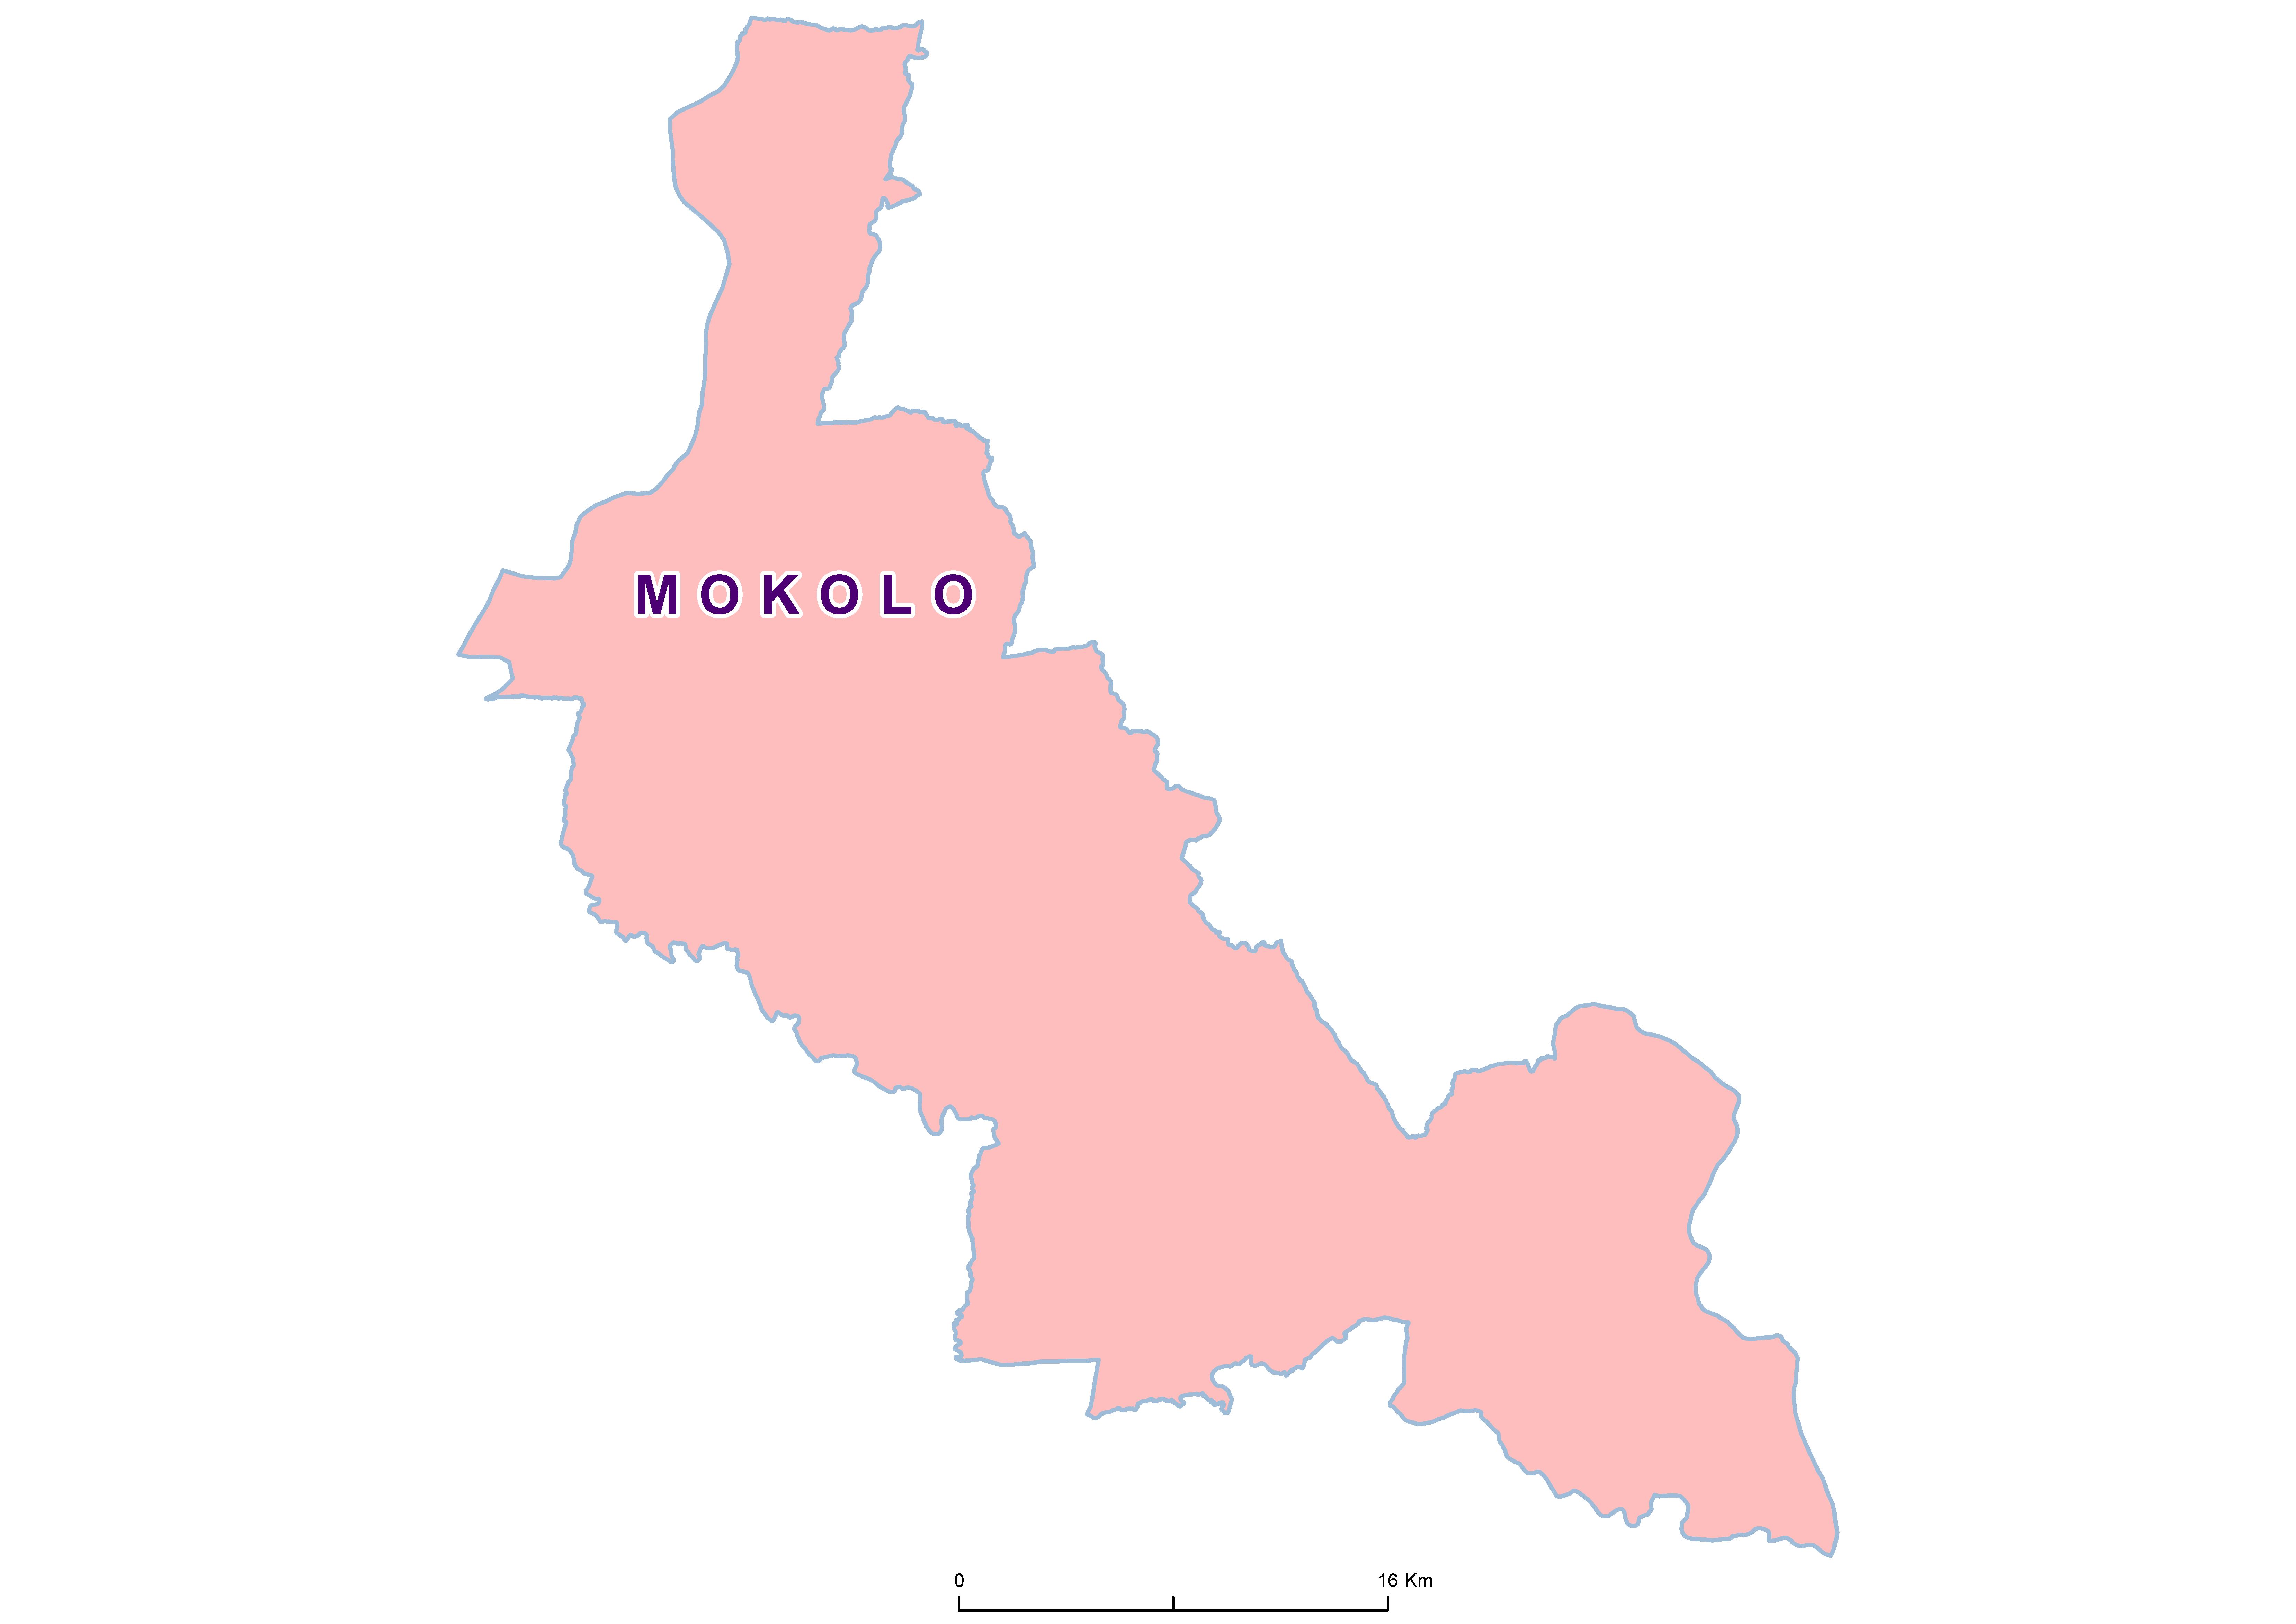 Mokolo Mean STH 19850001